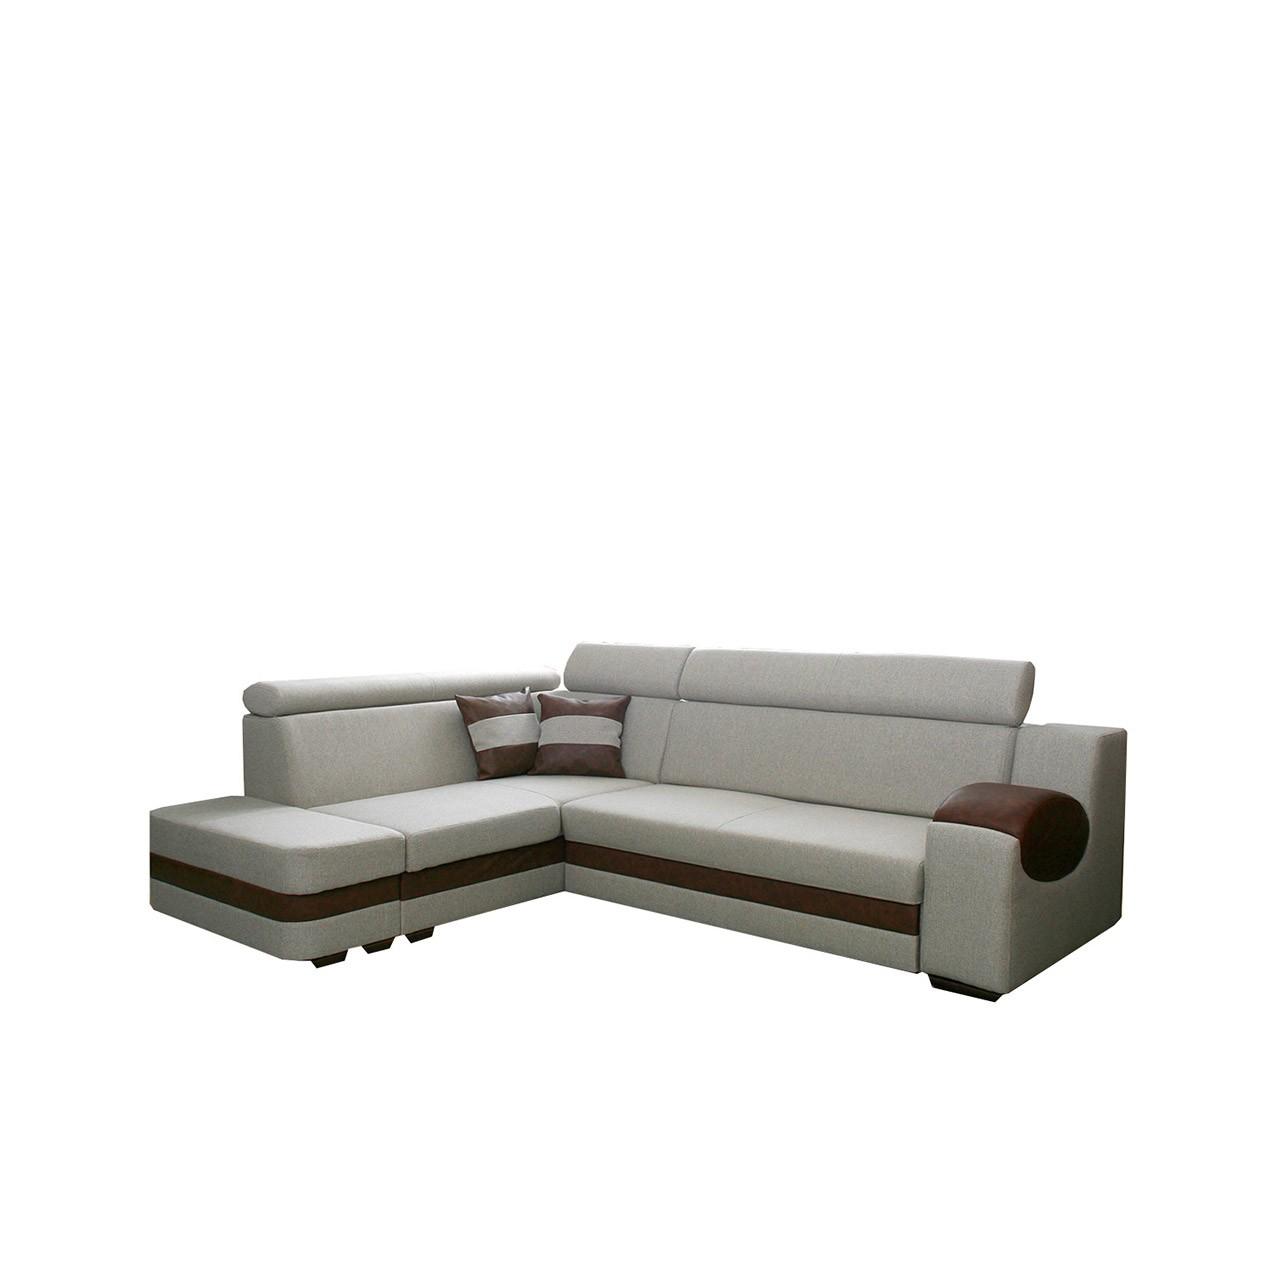 ecksofa amore ii mit schlaffunktion mit bettkasten mirjan24. Black Bedroom Furniture Sets. Home Design Ideas